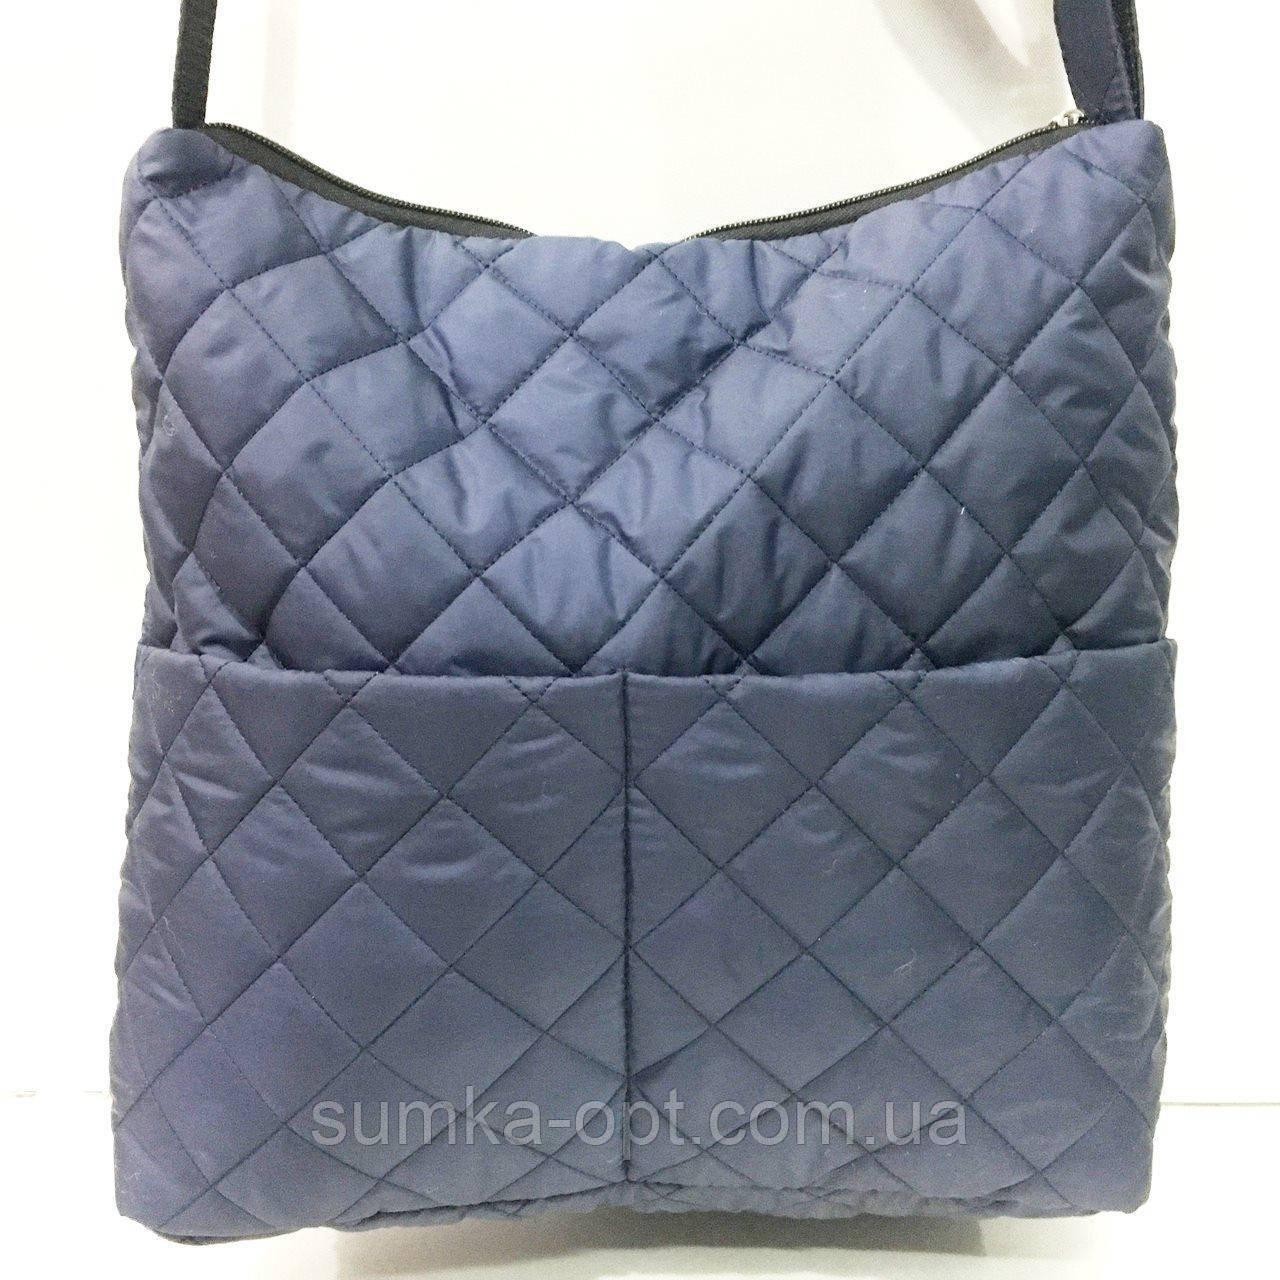 Женские стеганные сумки отом (СИНИЙ)31*34см